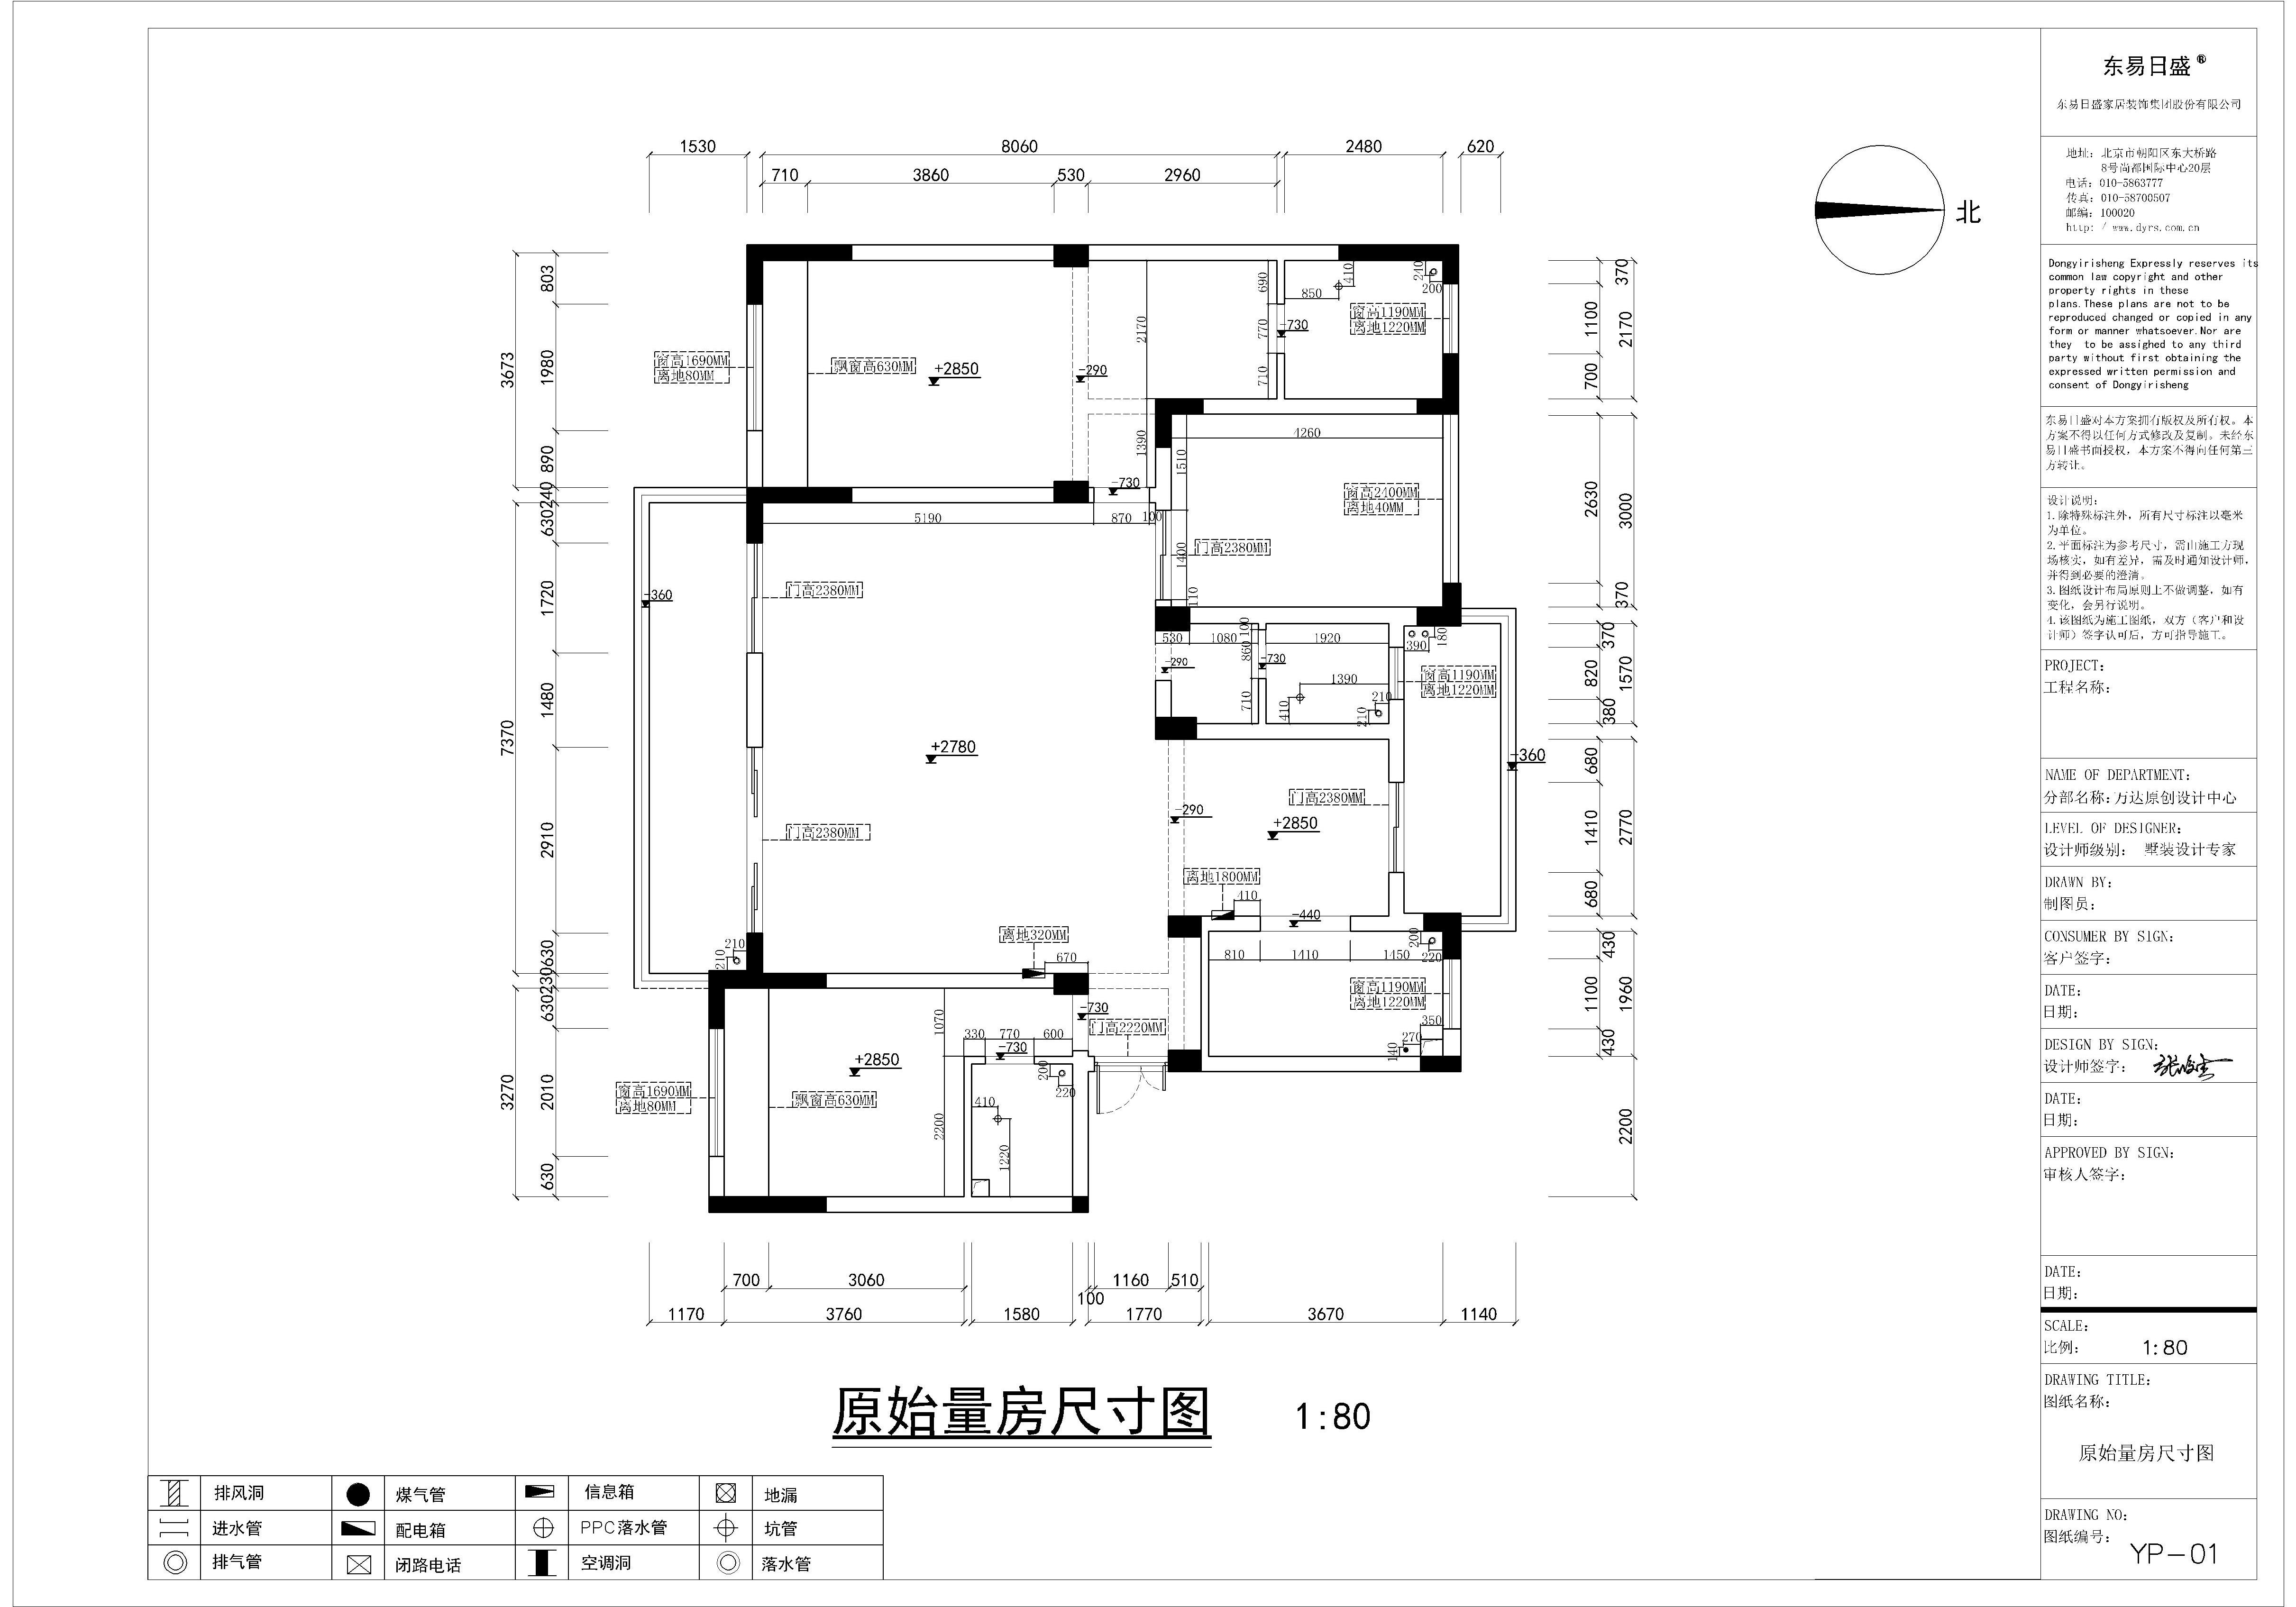 西水东 现代 176平米装修设计理念